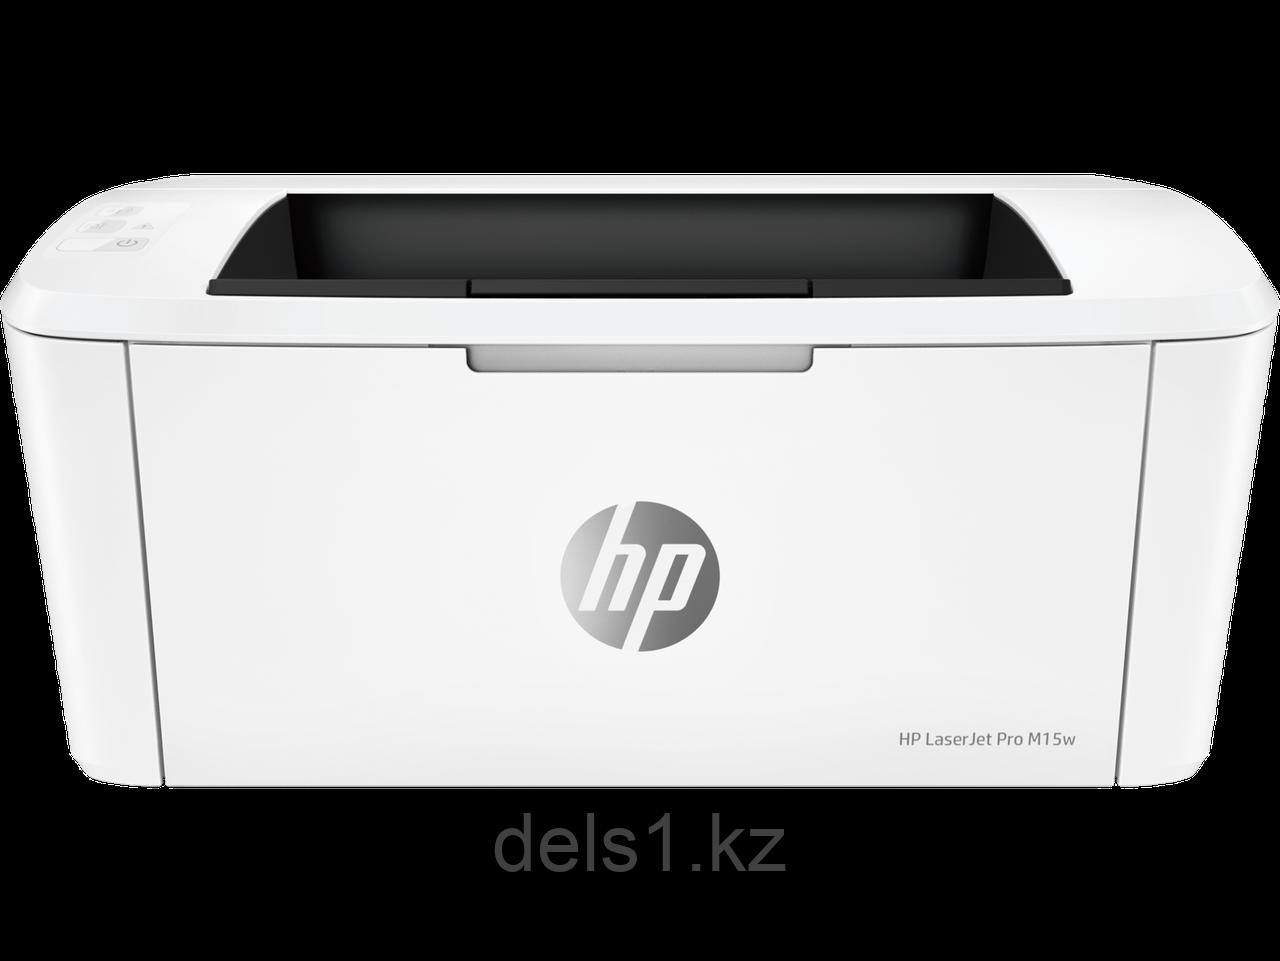 Лазерный принтер для черно - белой печати HP LaserJet Pro M15w